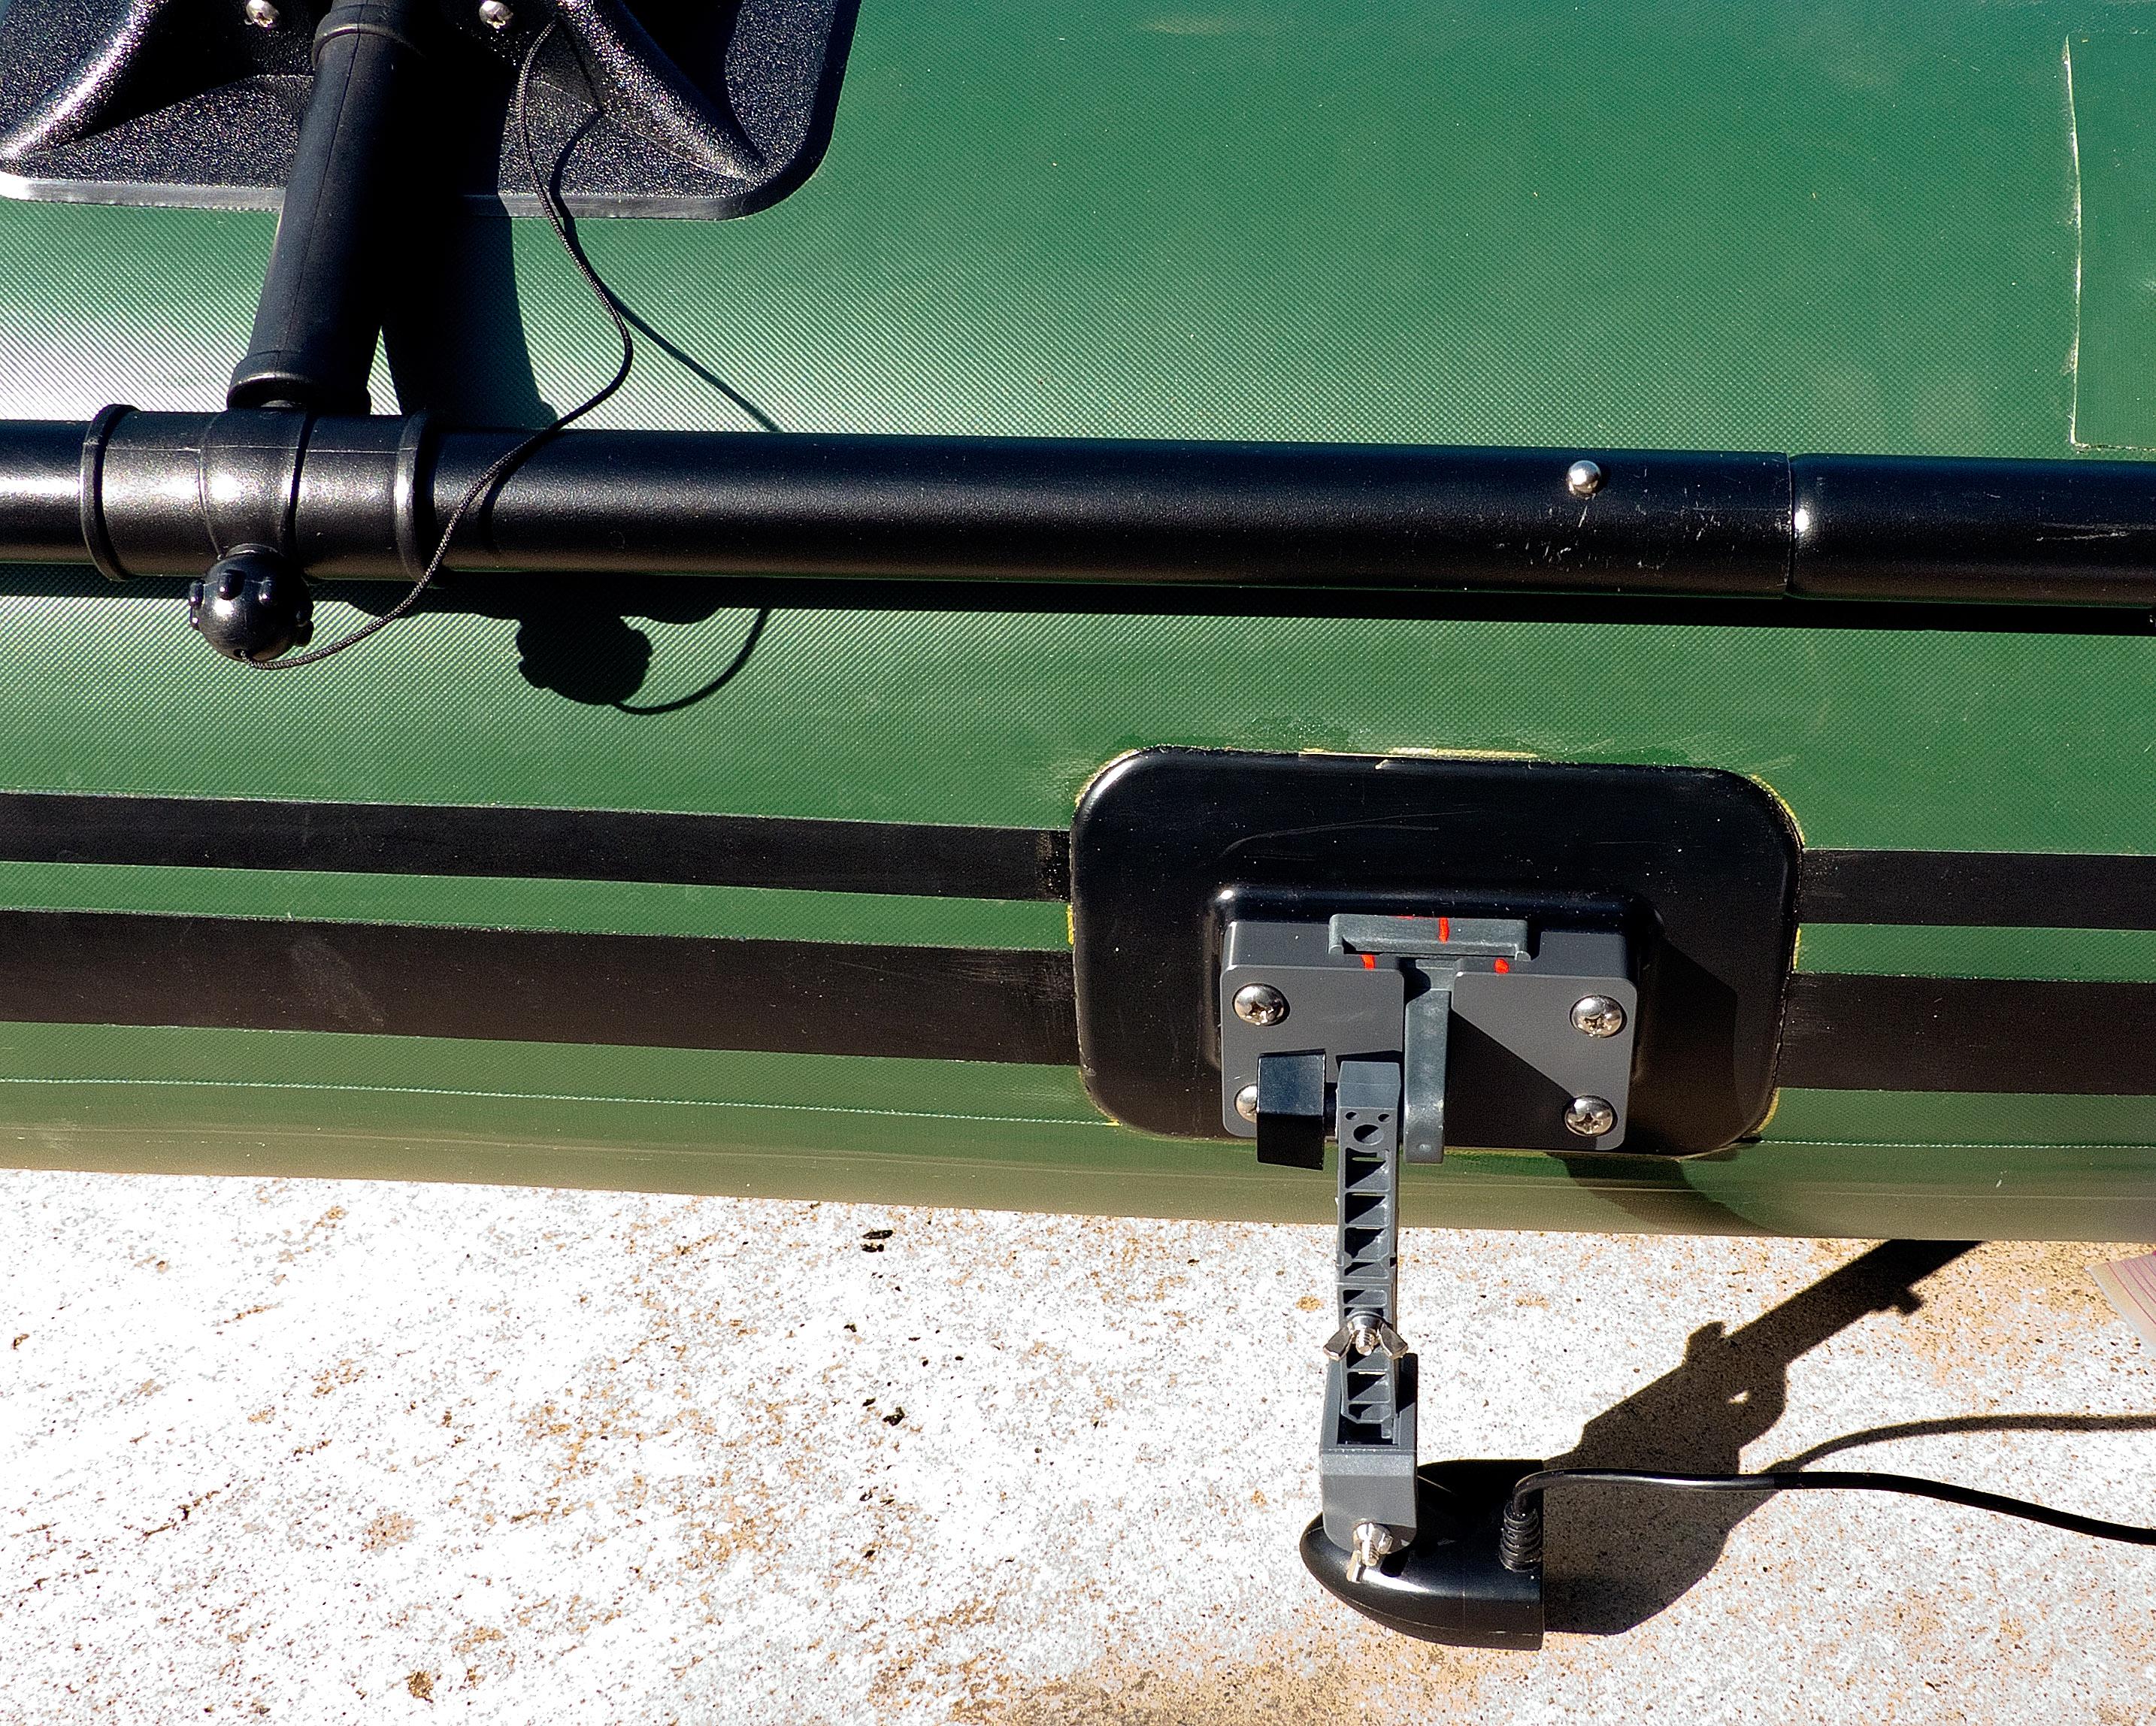 Sea Eagle 285 FPB transducer mount